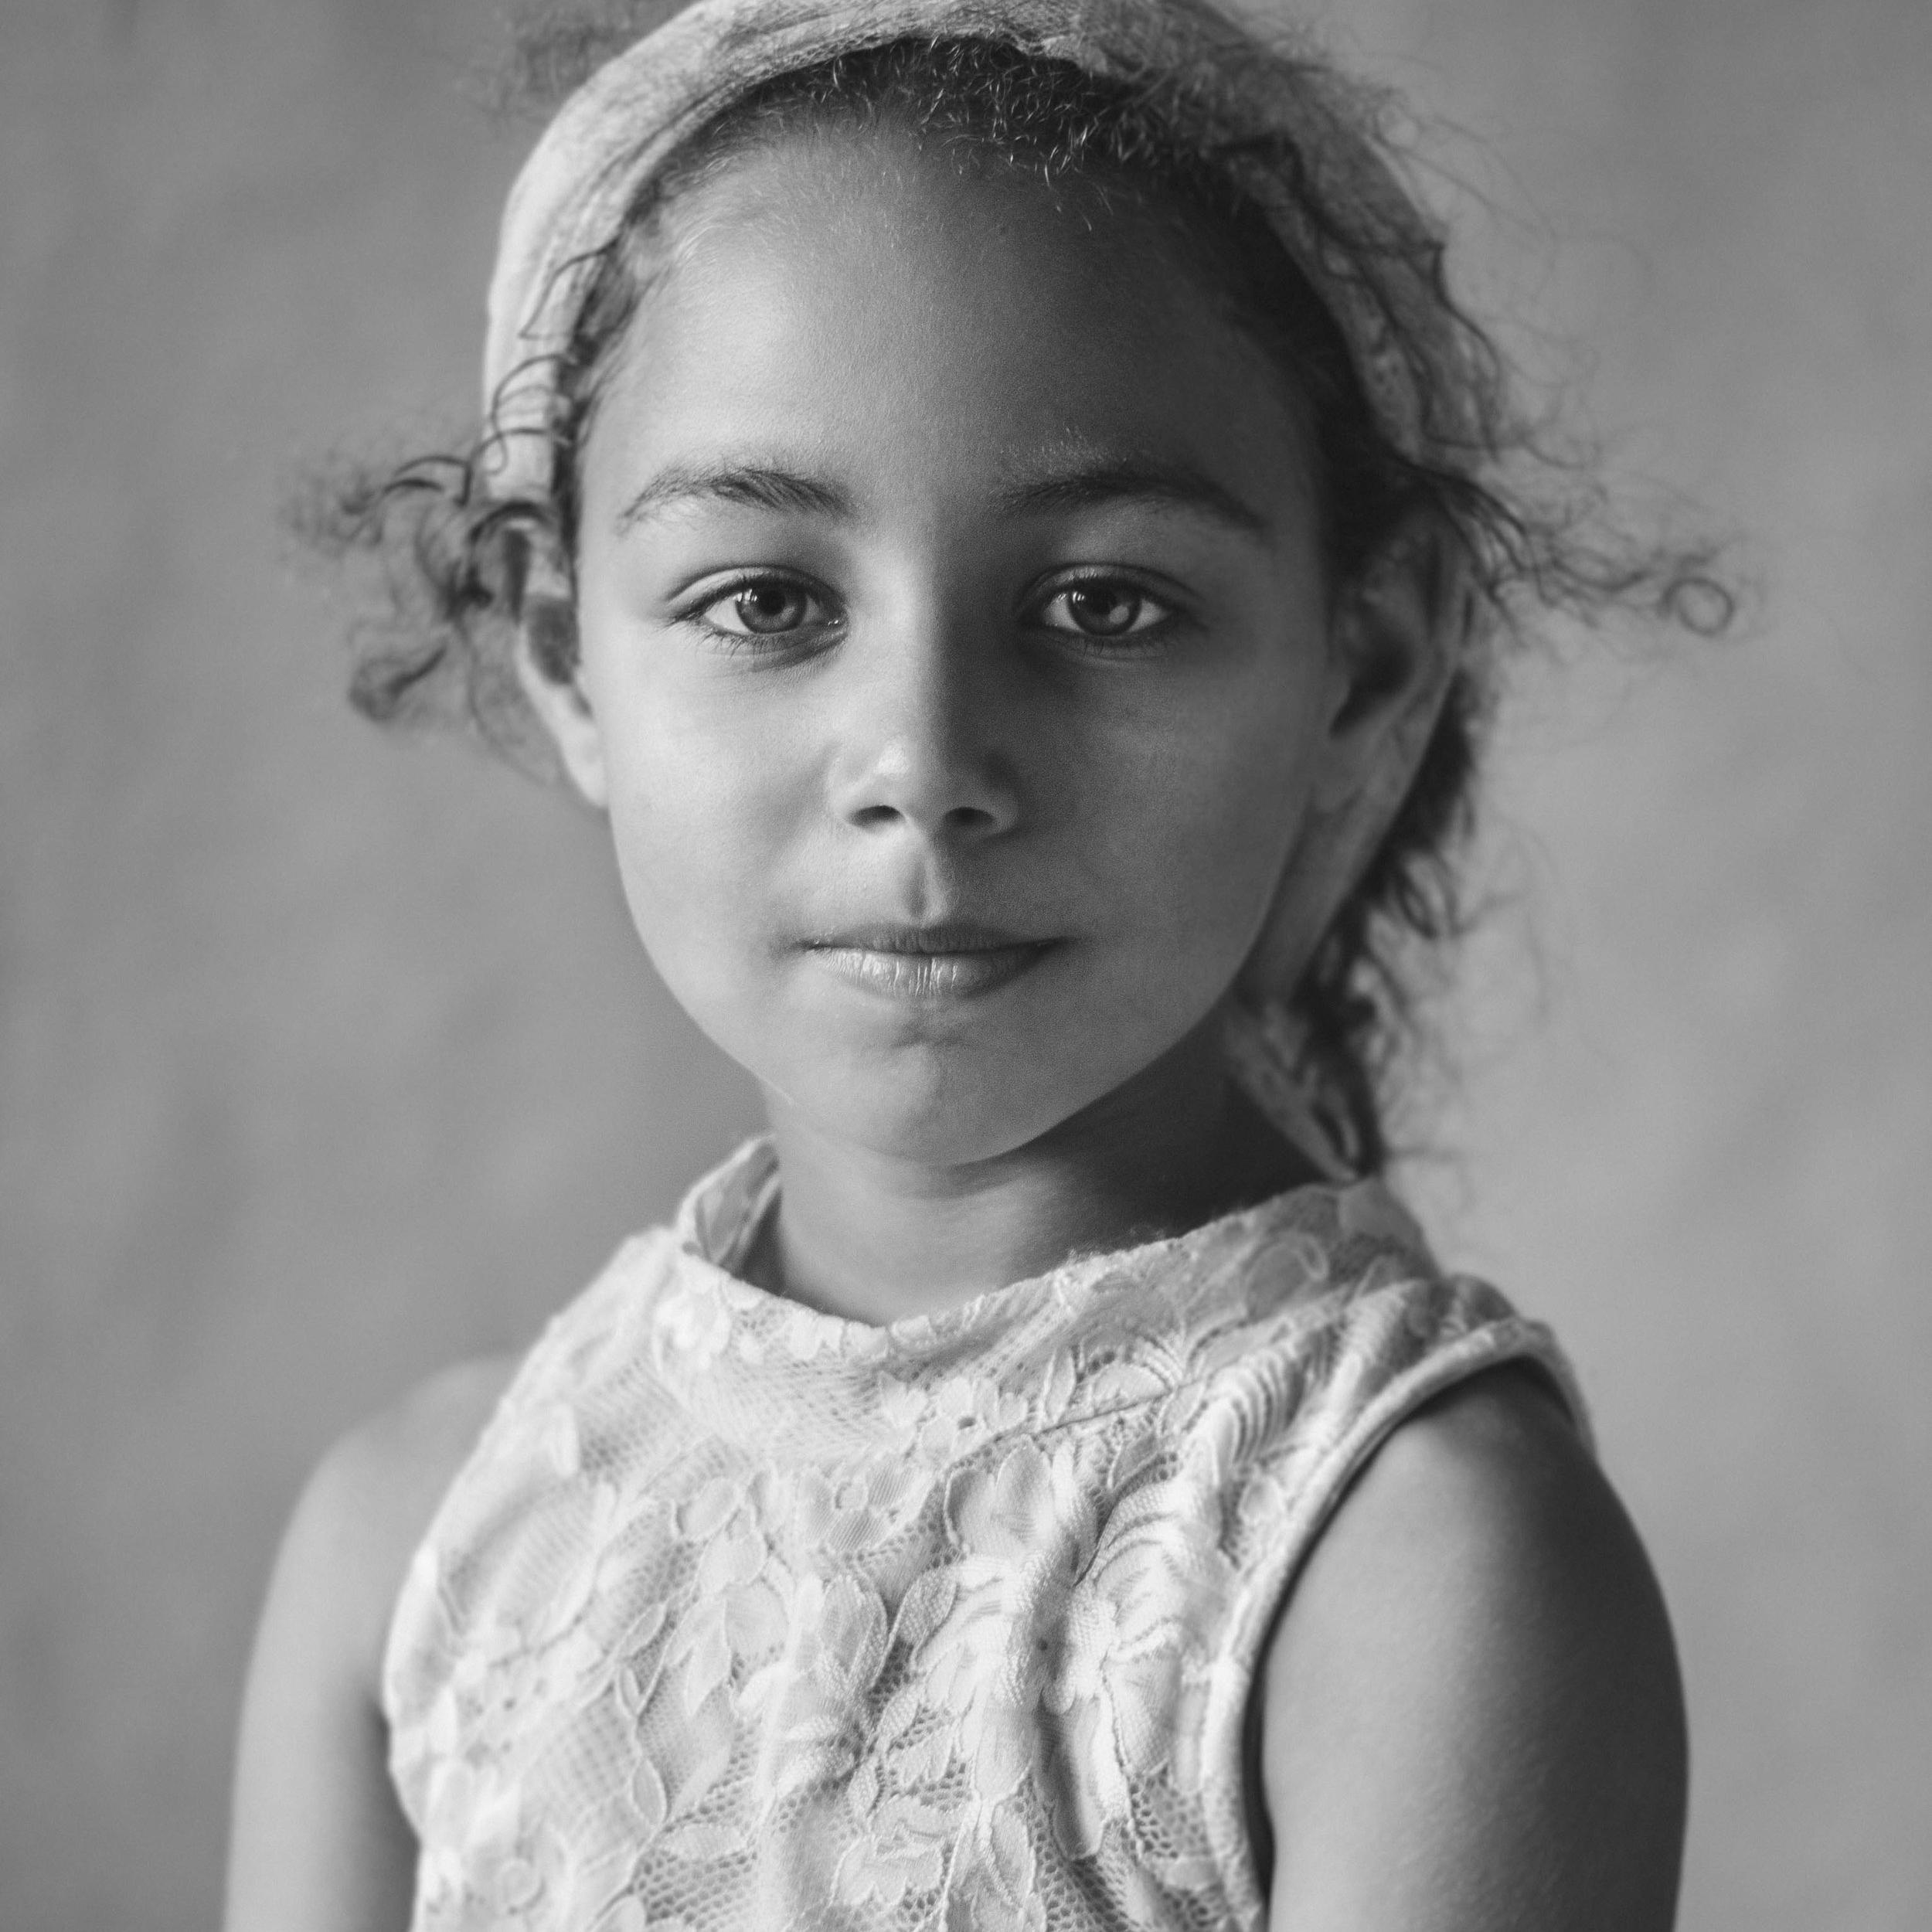 Ritratti Bimbi Bambini portraits children kids fotografia fotografa torino turin childrens portraiture fashion